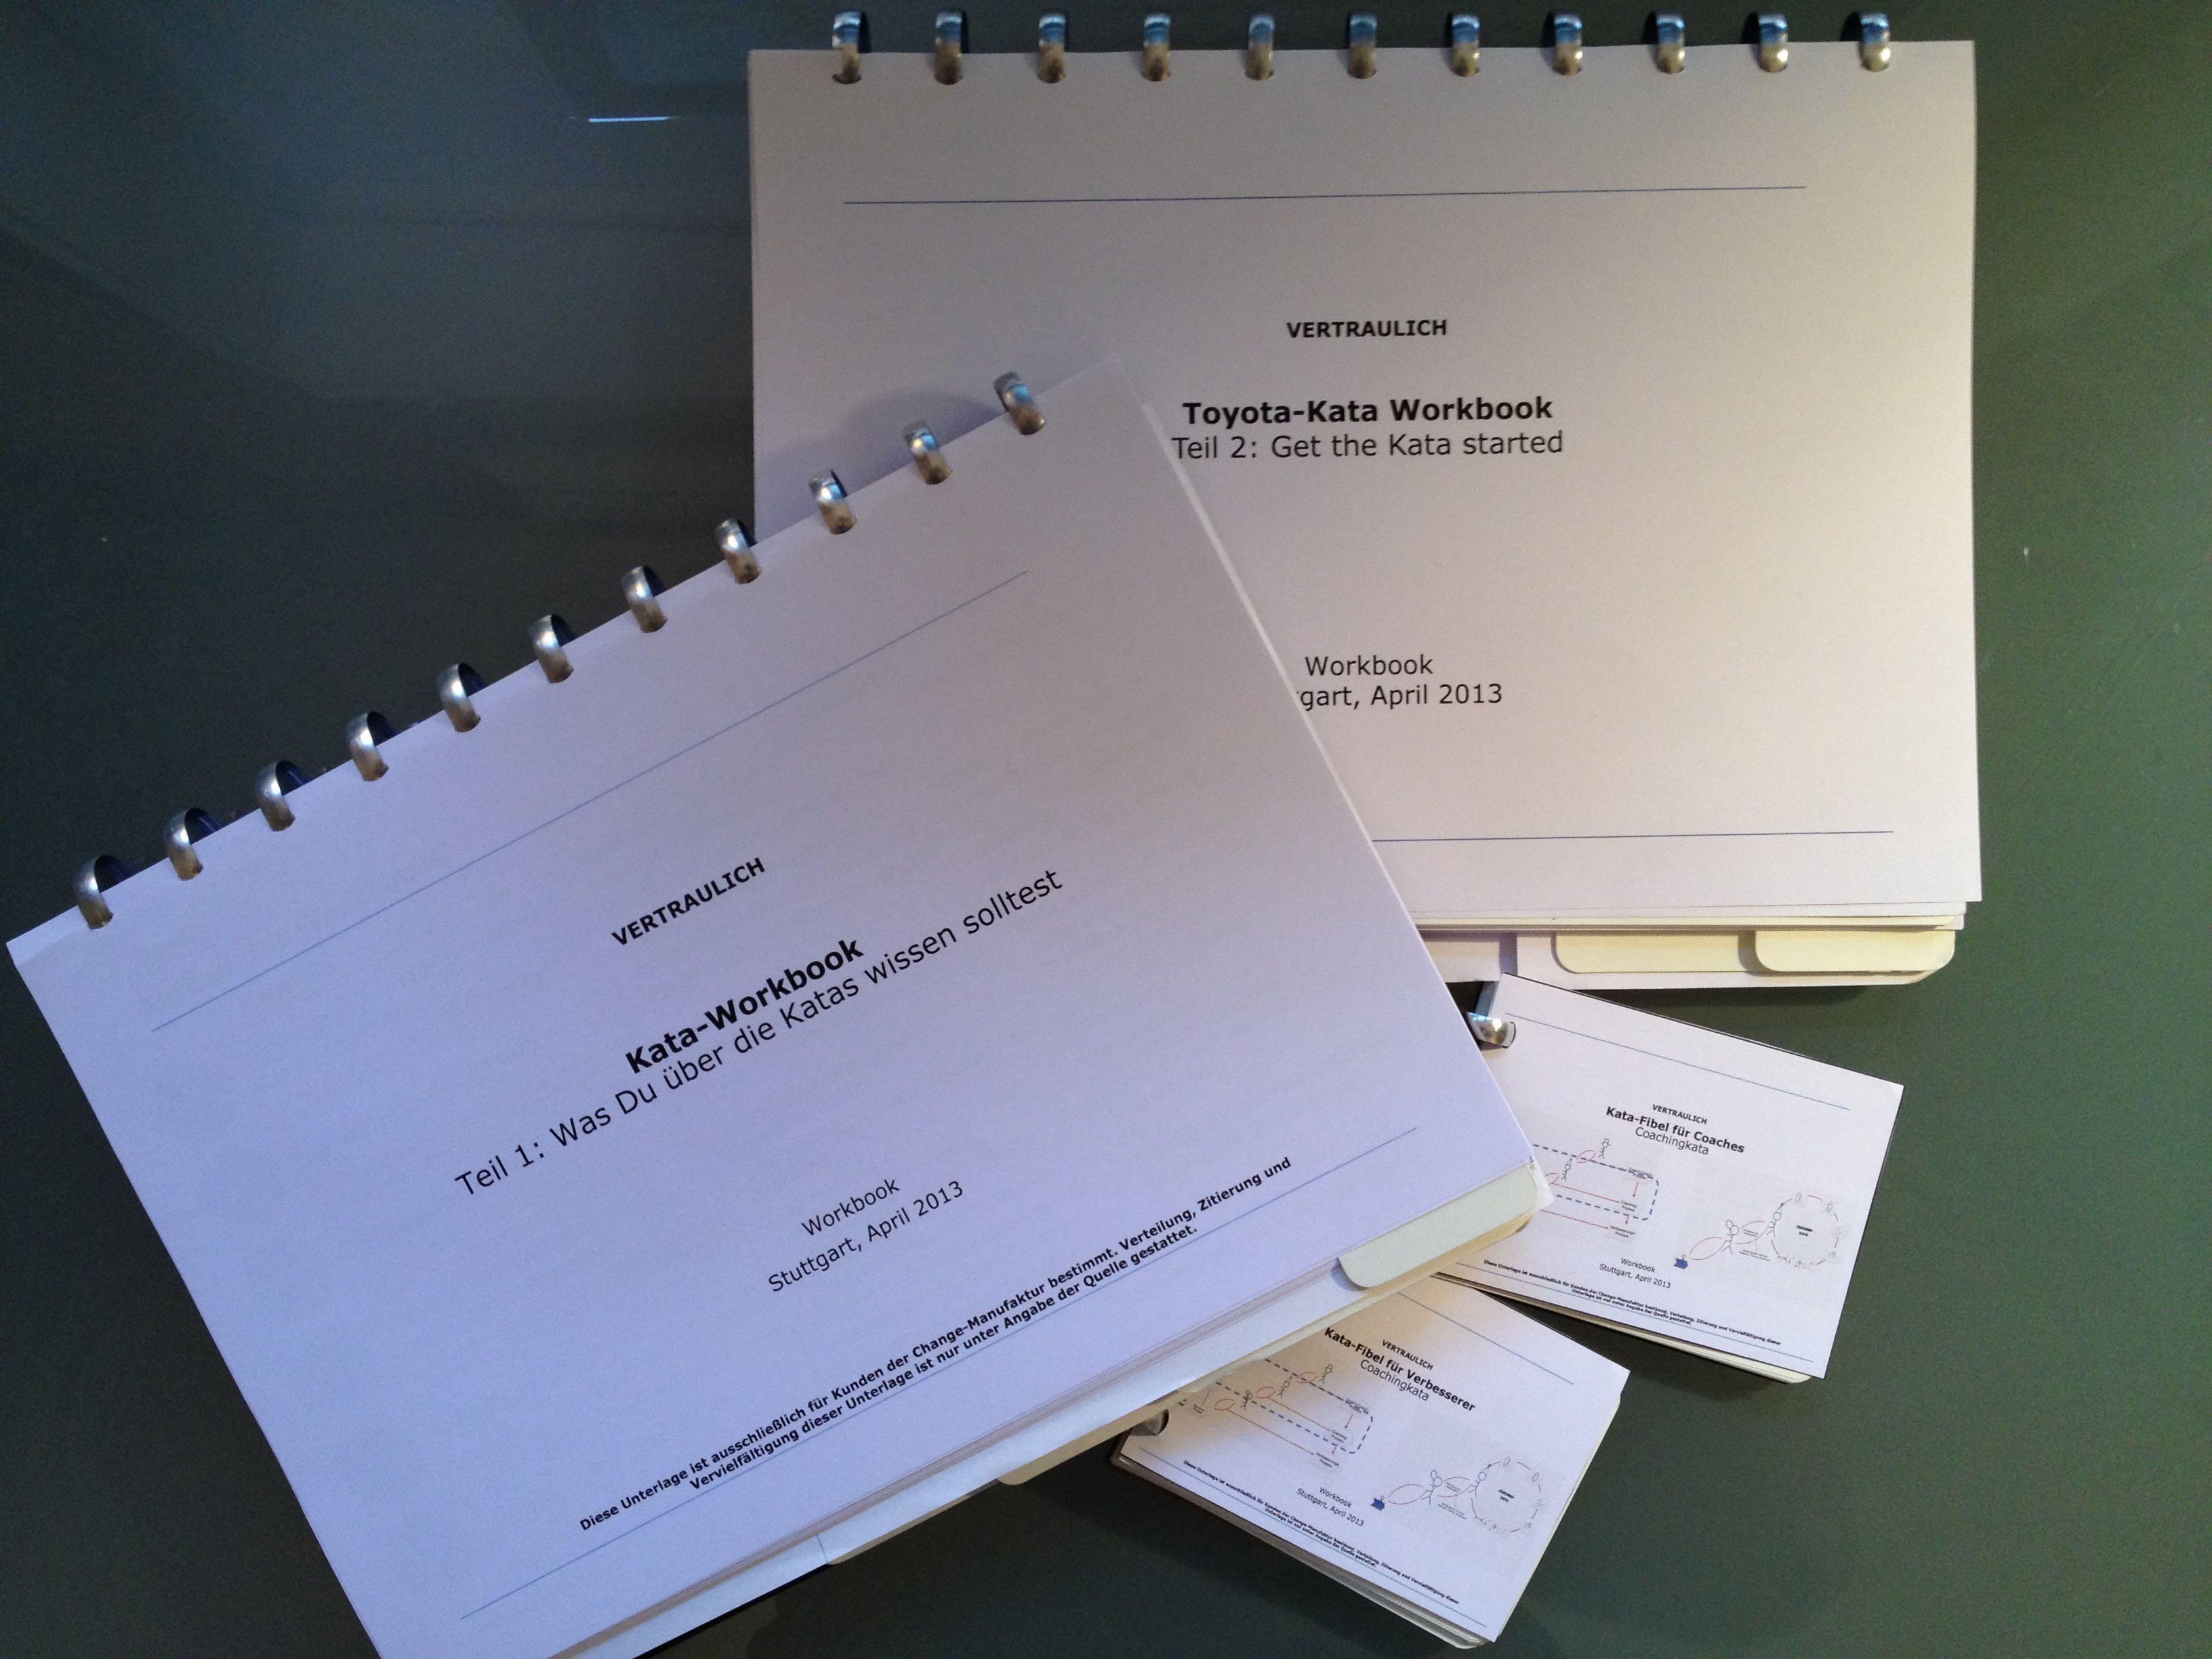 1.) Teil 1: Hintergrundwissen zur Arbeit mit der Kata 2.) Get the Kata started (Wende die Kata selbst vor Ort an) 3.) Kata-Fibel für Verbesserer 4.) Kata-Fibel für Coaches